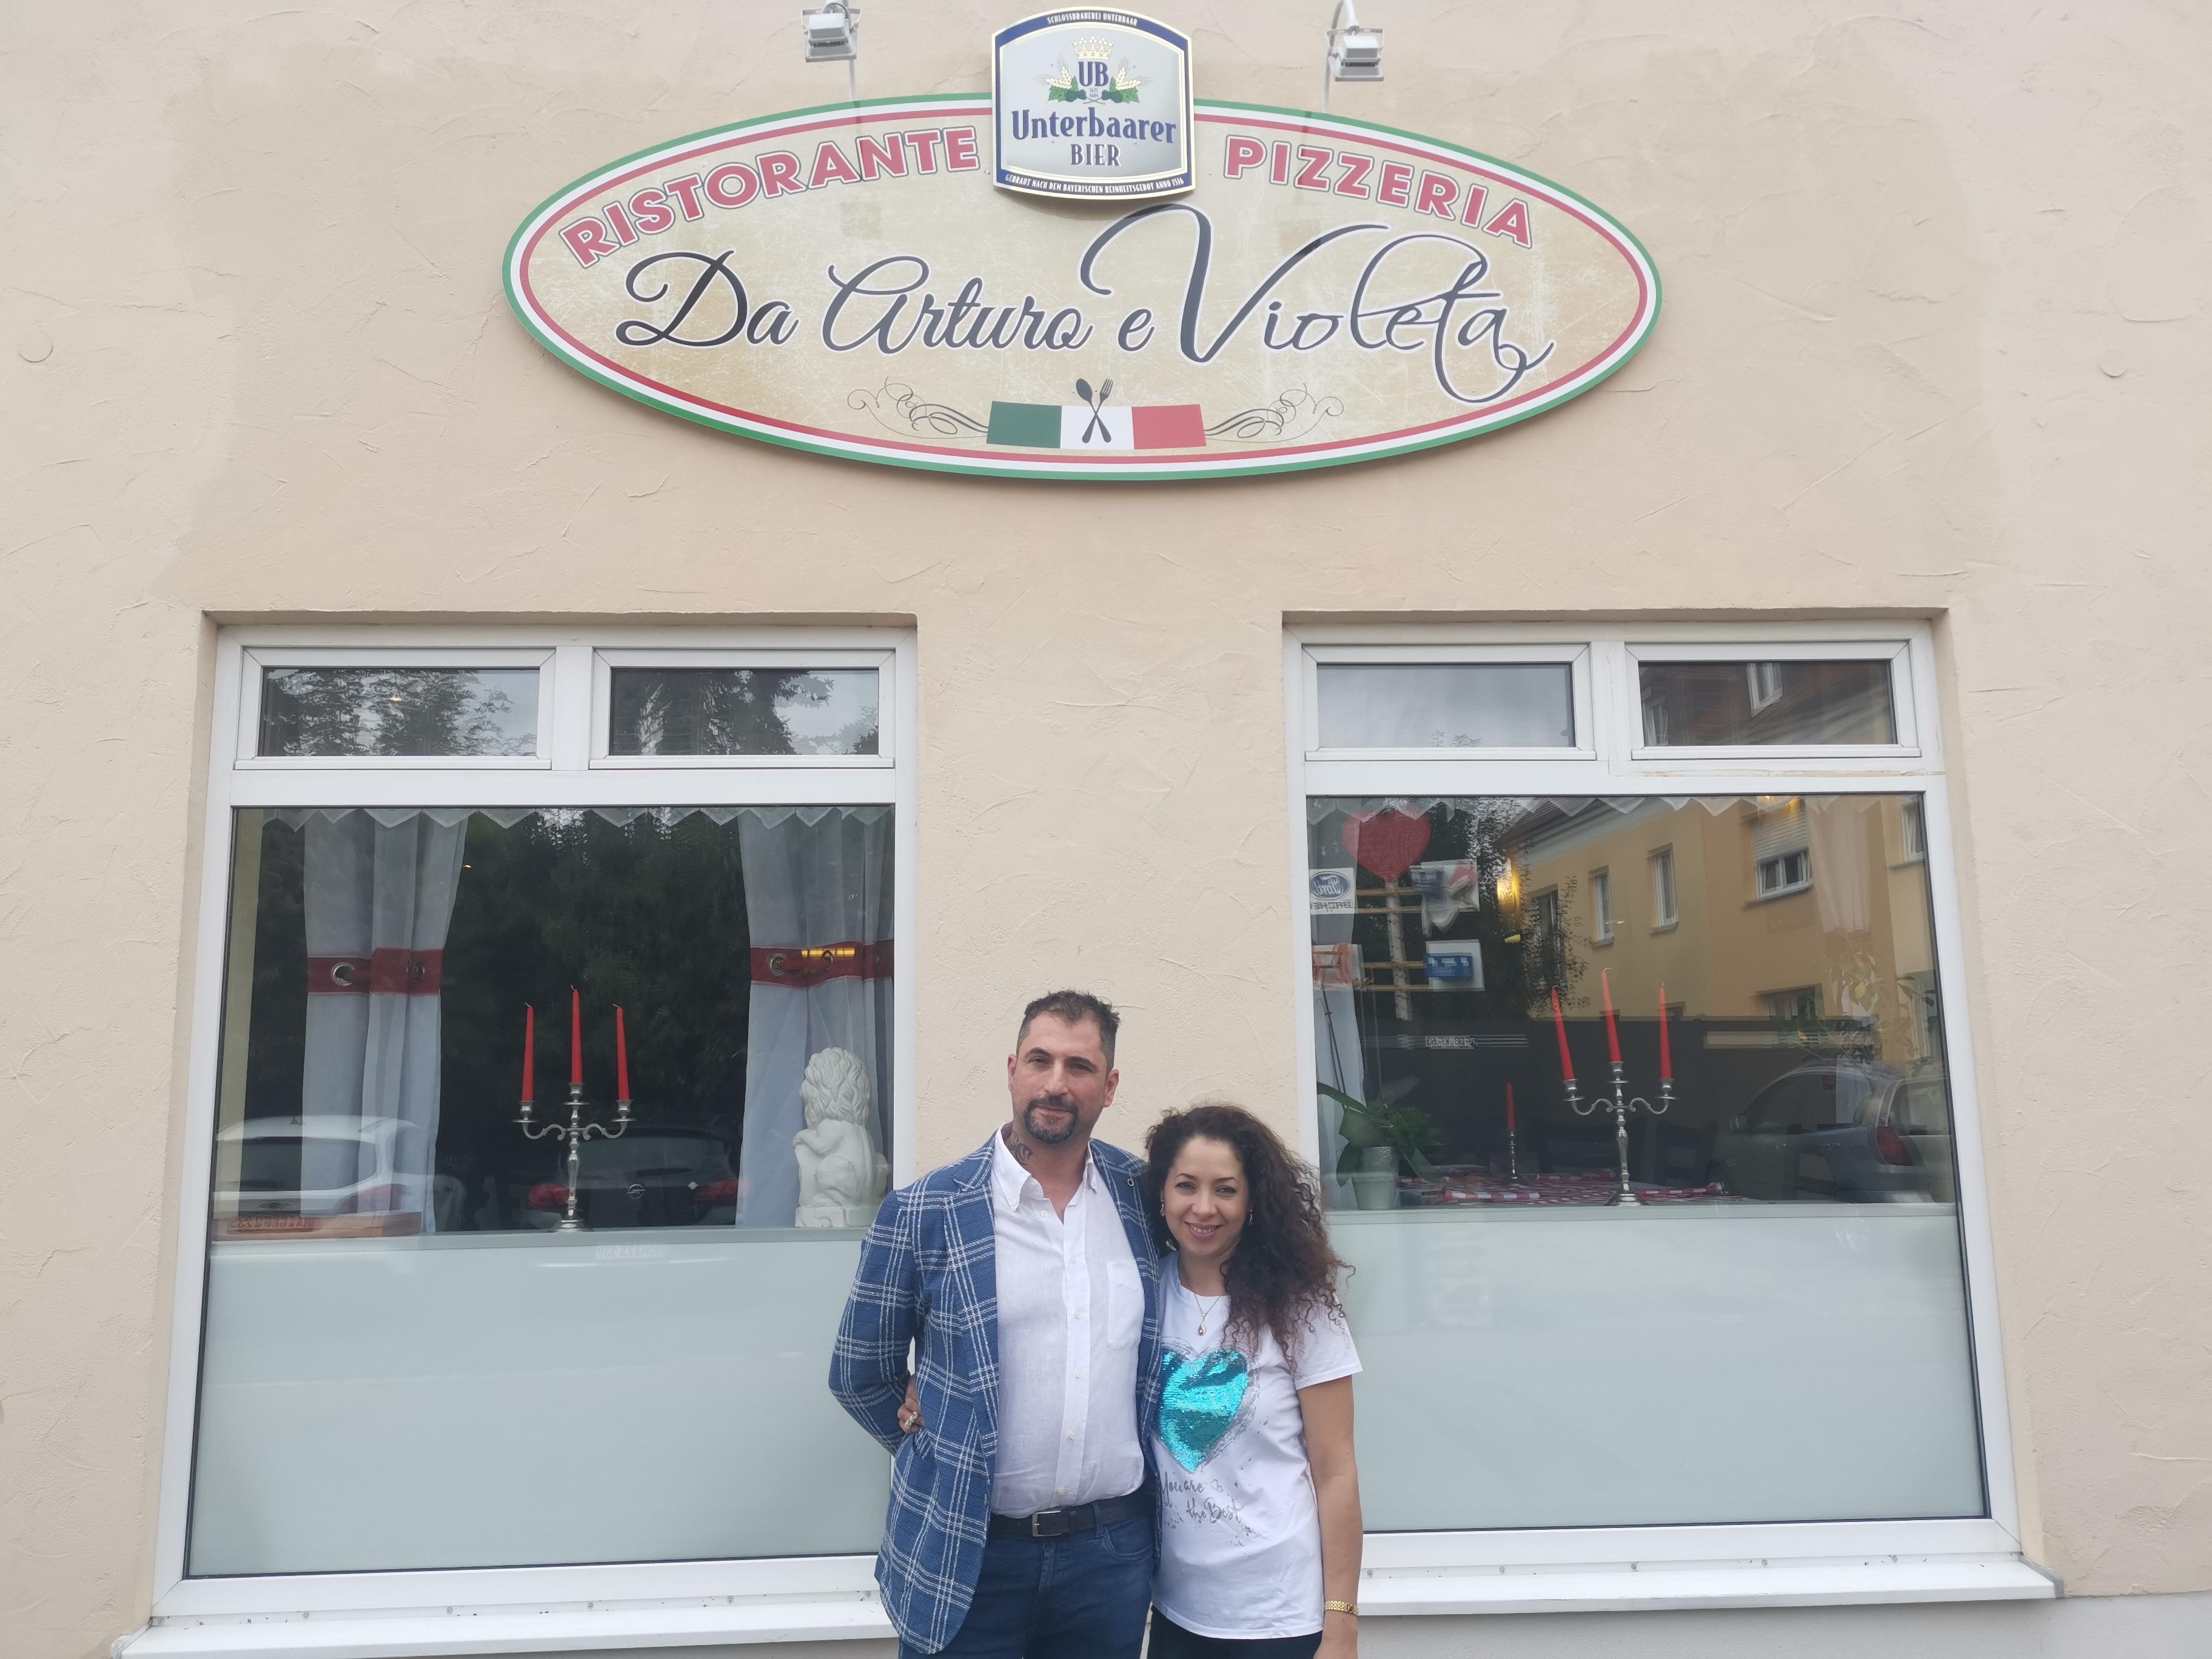 Interview mit Arturo und Violeta – Ristorante Pizzeria da Arturo e Violeta